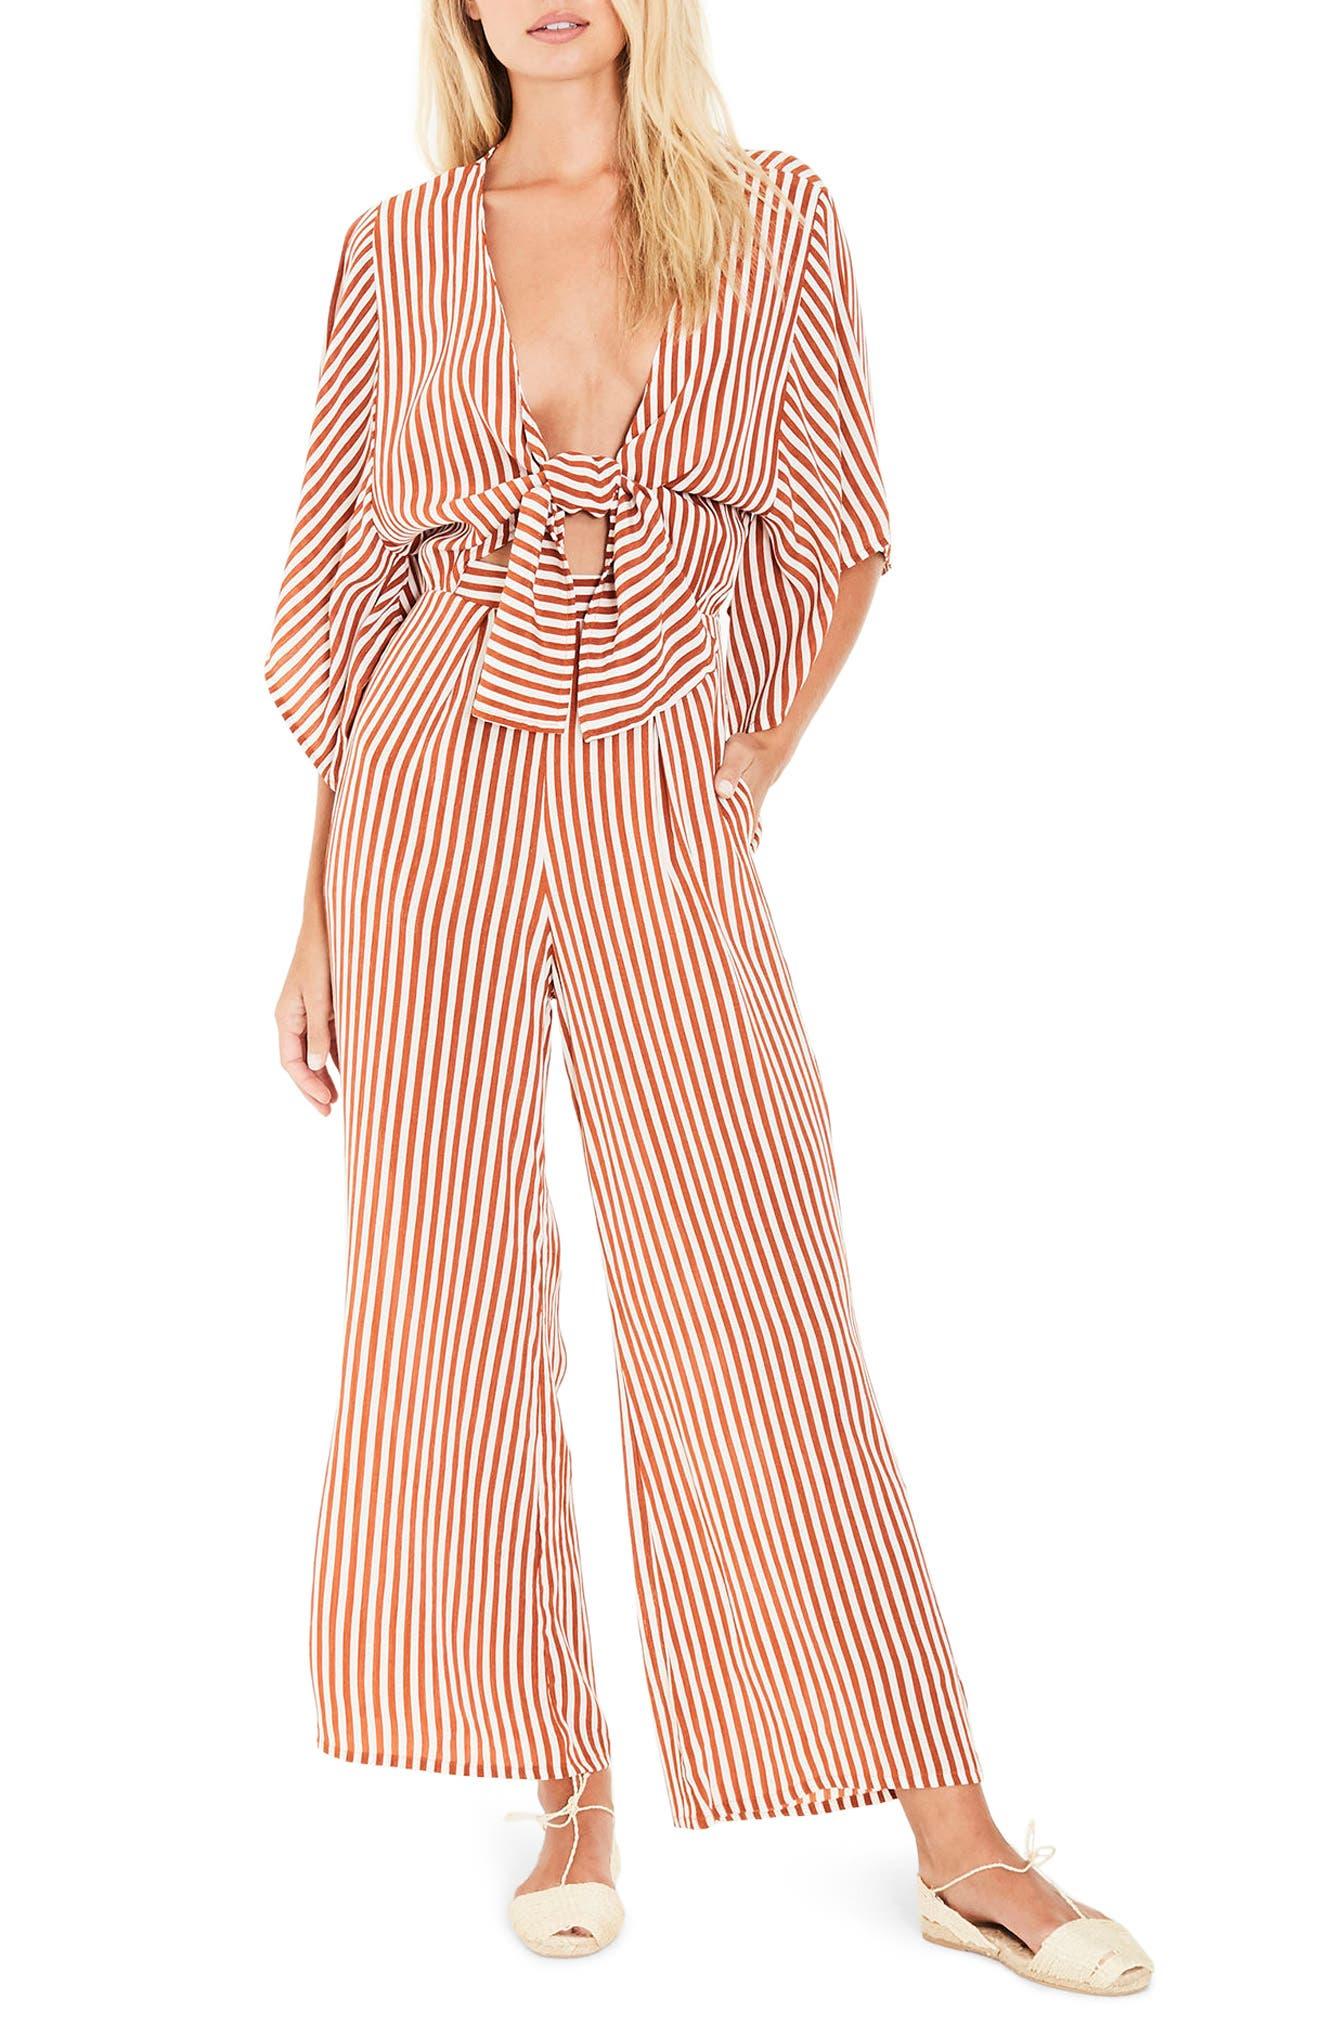 Tilos Stripe Tie Front Jumpsuit,                             Main thumbnail 1, color,                             802